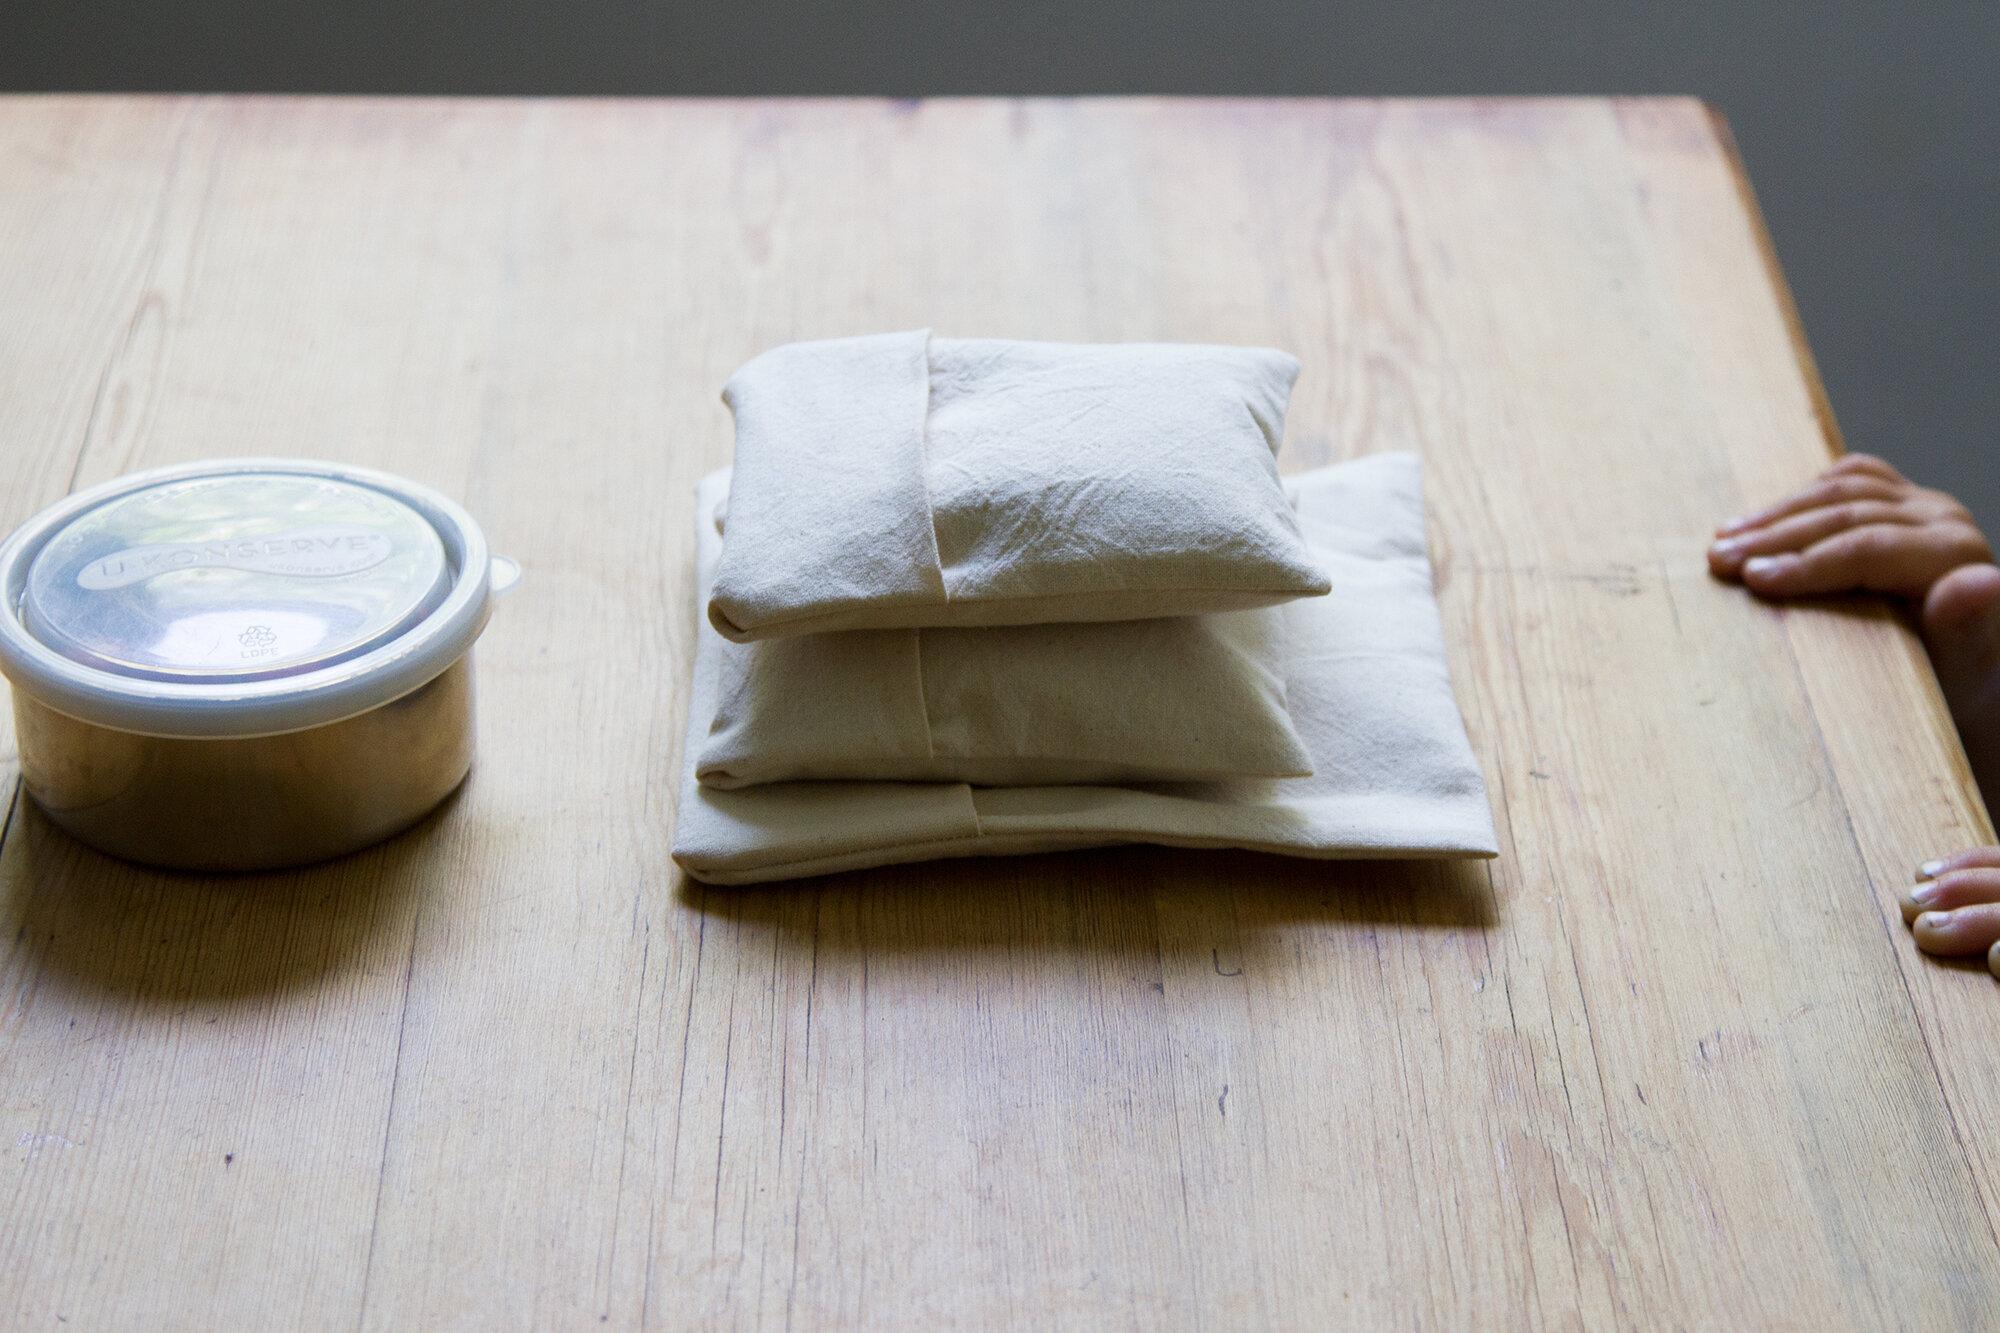 zero-waste snacks | reading my tea leaves